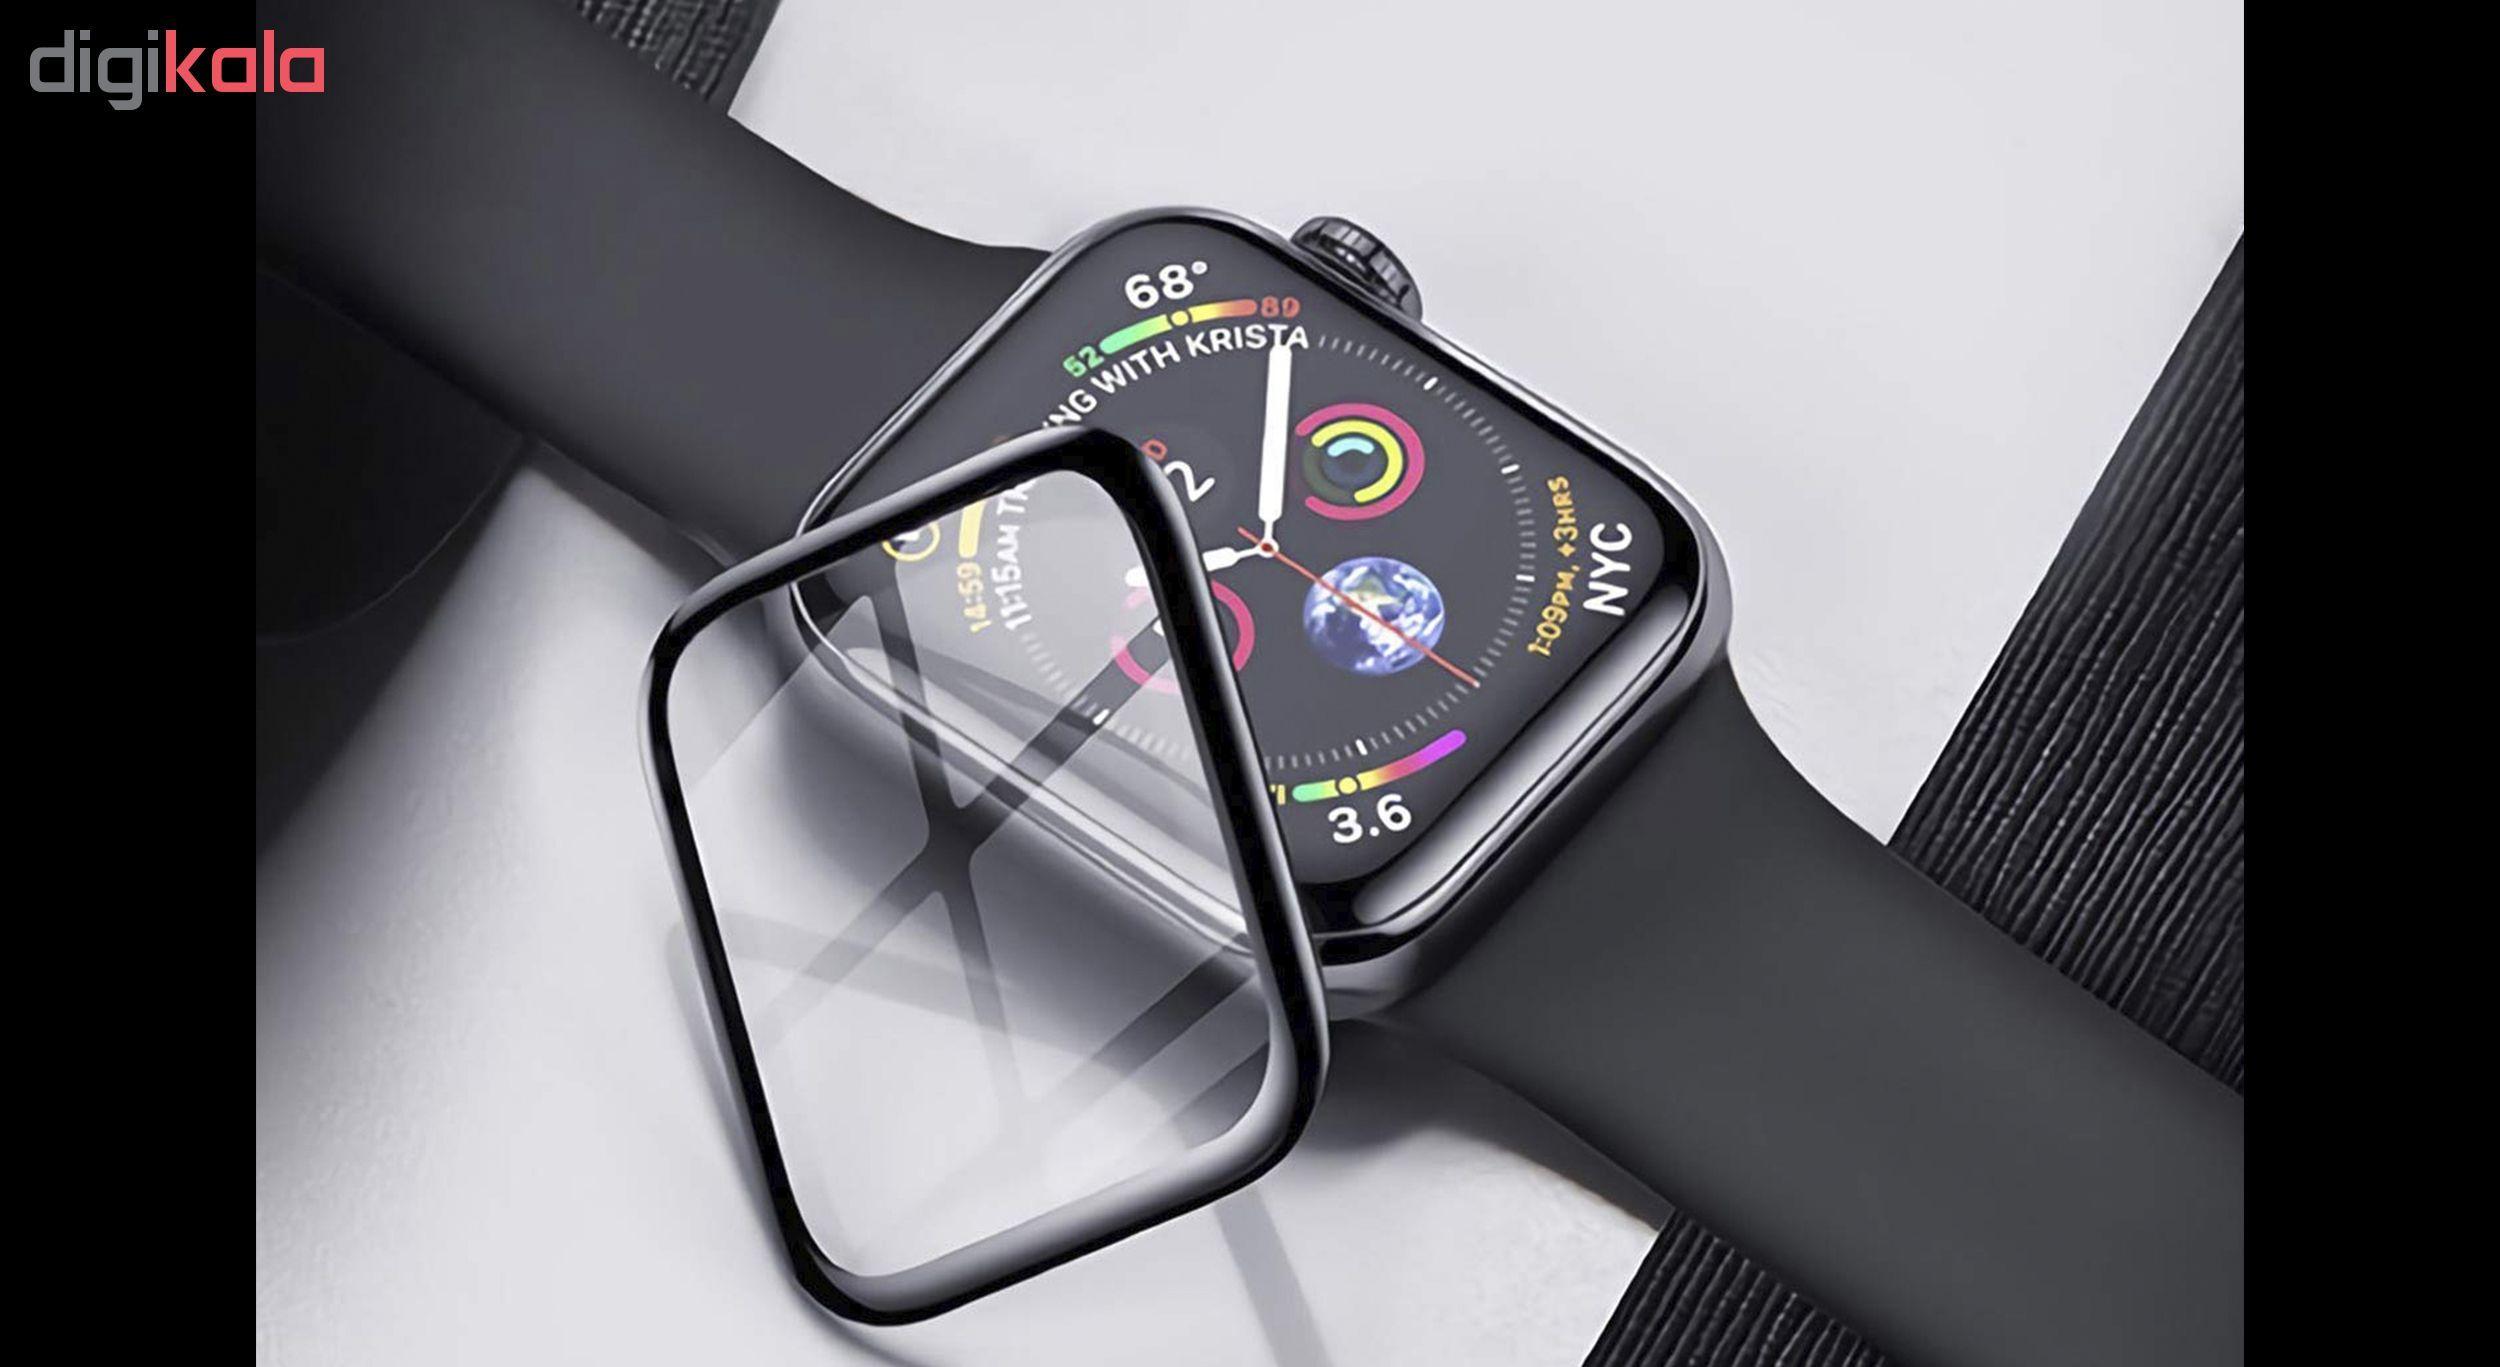 محافظ صفحه نمایش سومگ مدل SMG-G38 مناسب برای اپل واچ 38 میلی متری main 1 4